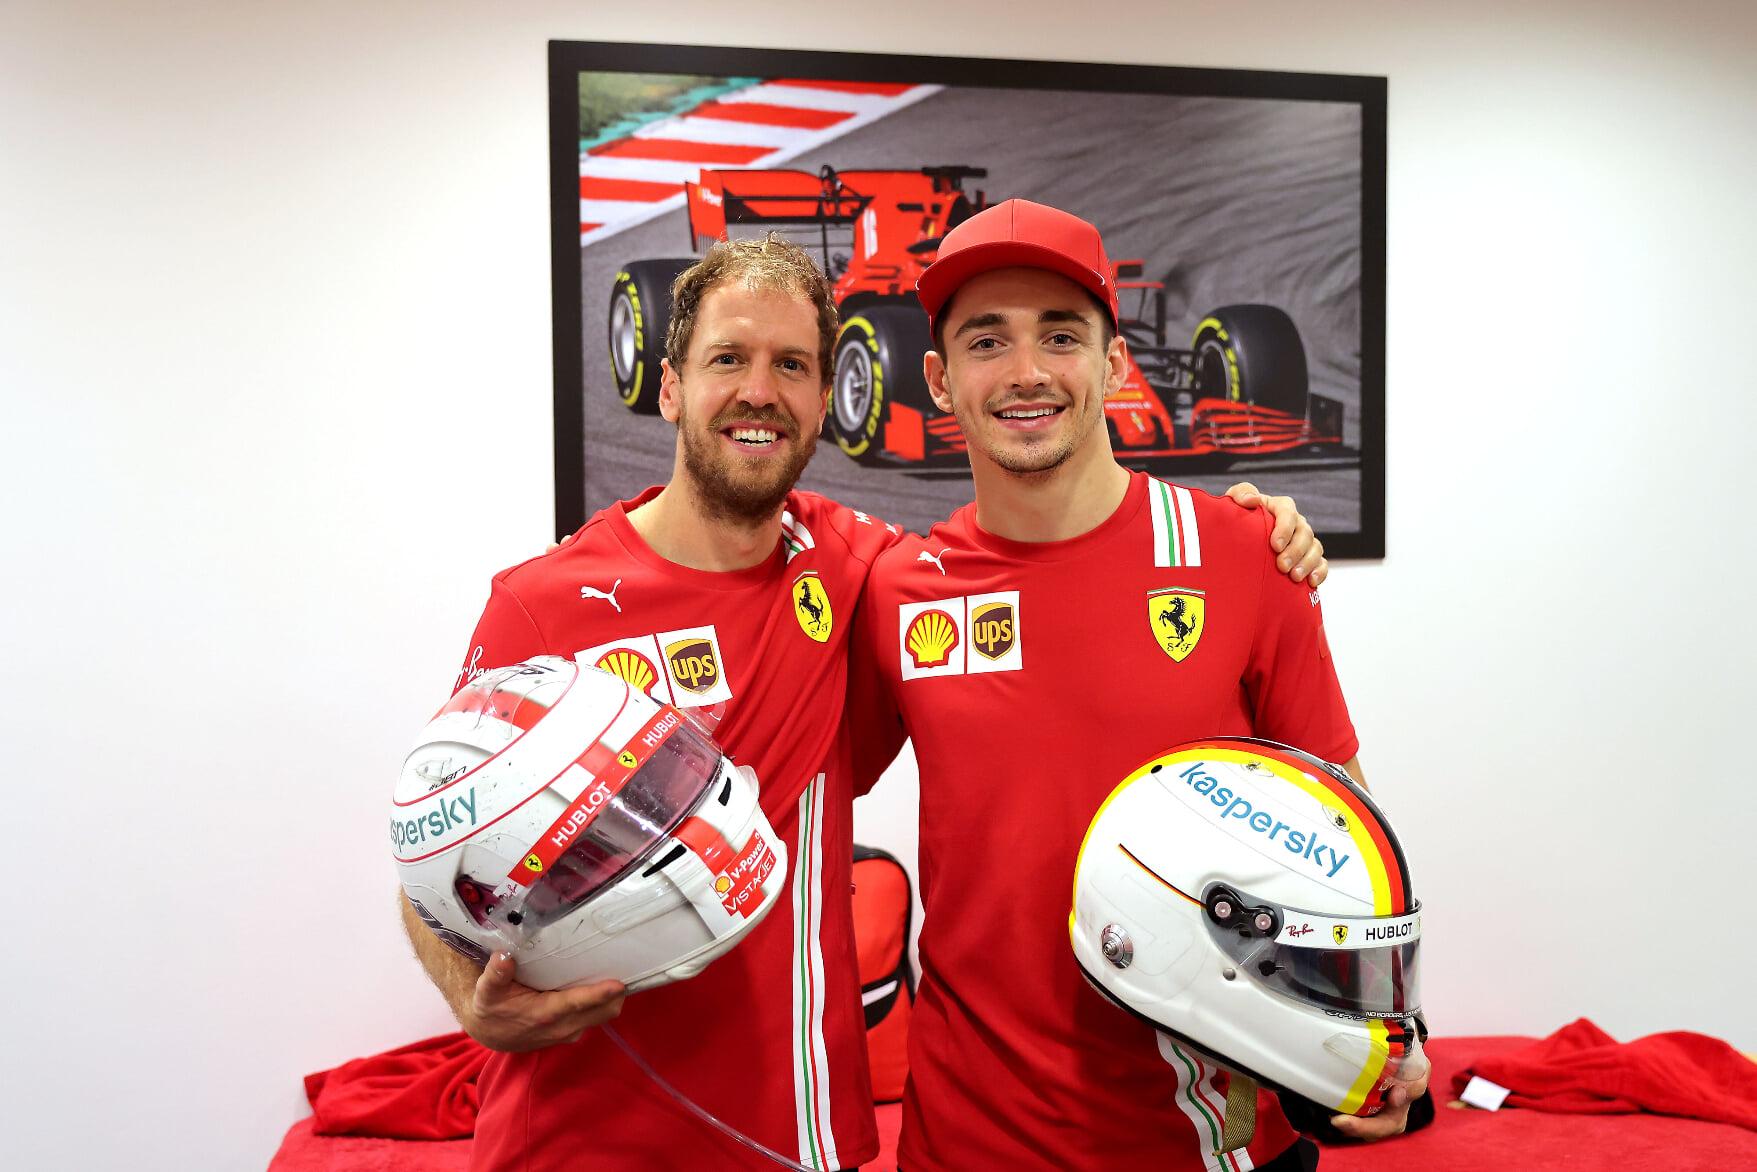 Феттель попрощался с Леклером: «Ты самый талантливый гонщик, с которым я пересекался за эти 15 лет в «Ф-1»